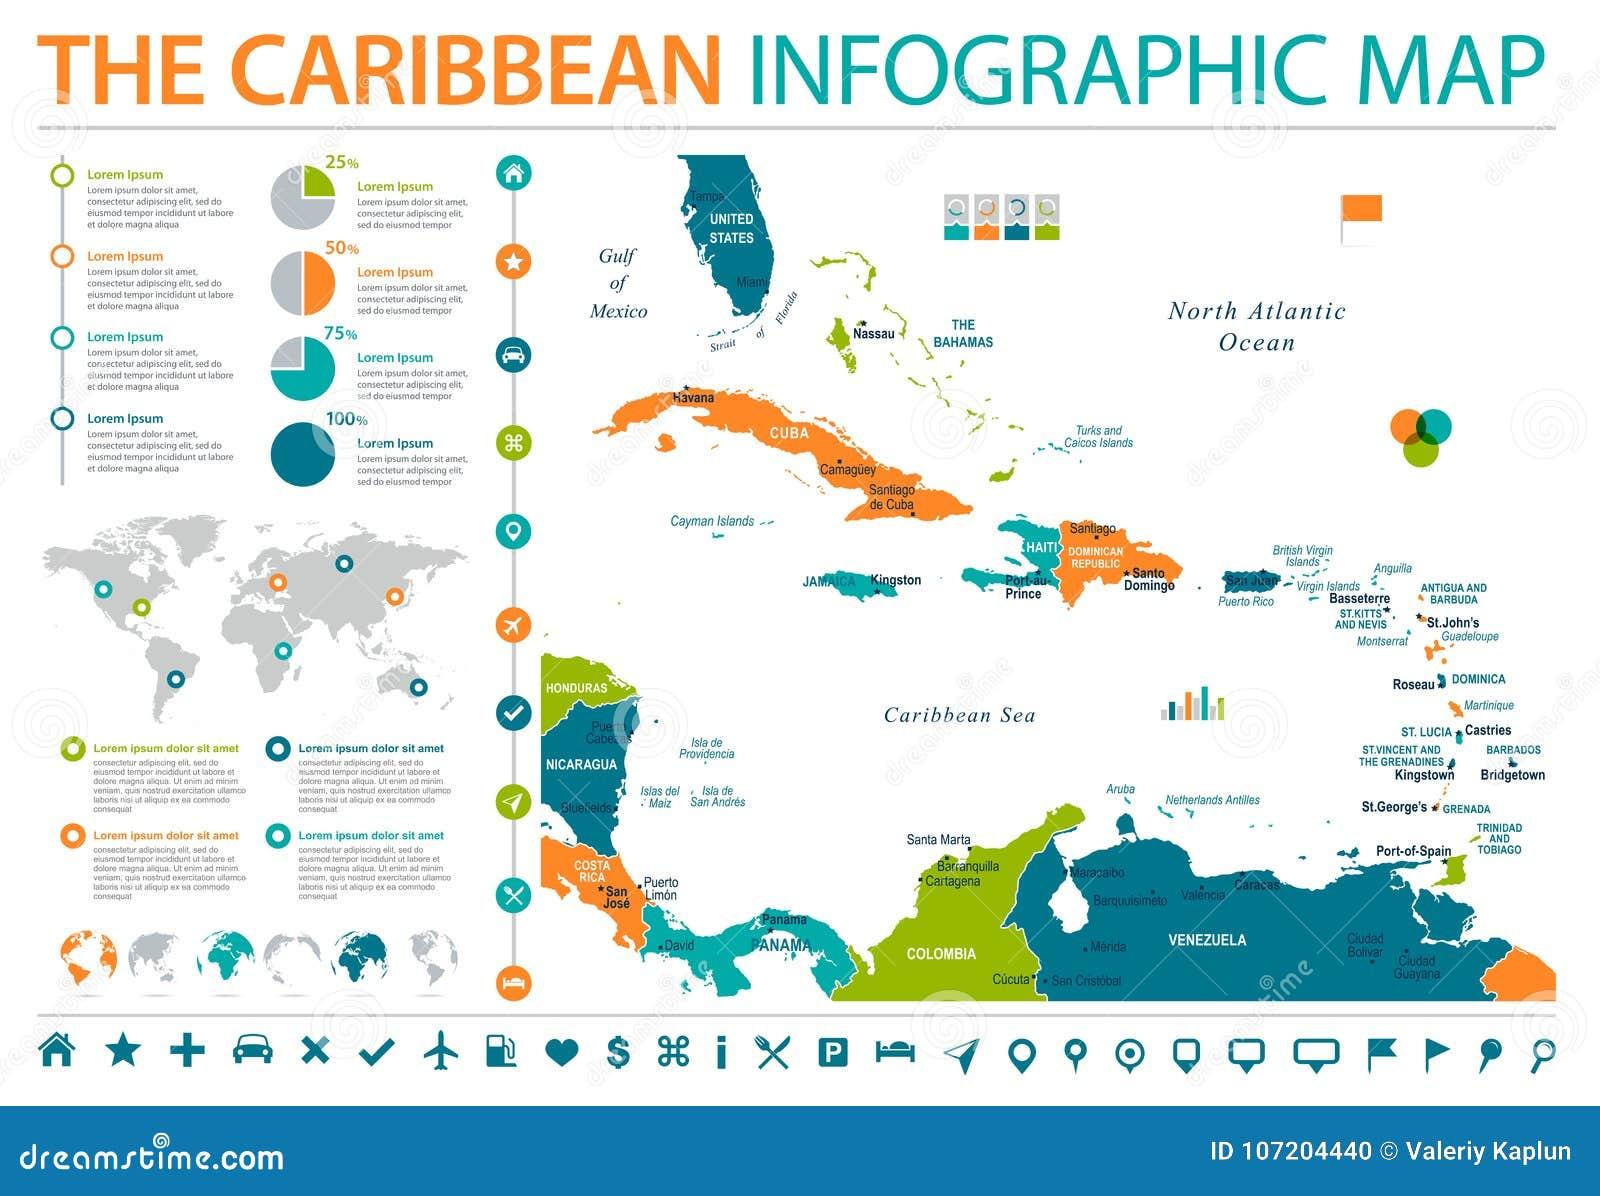 Ο καραϊβικός χάρτης - γραφική διανυσματική απεικόνιση πληροφοριών